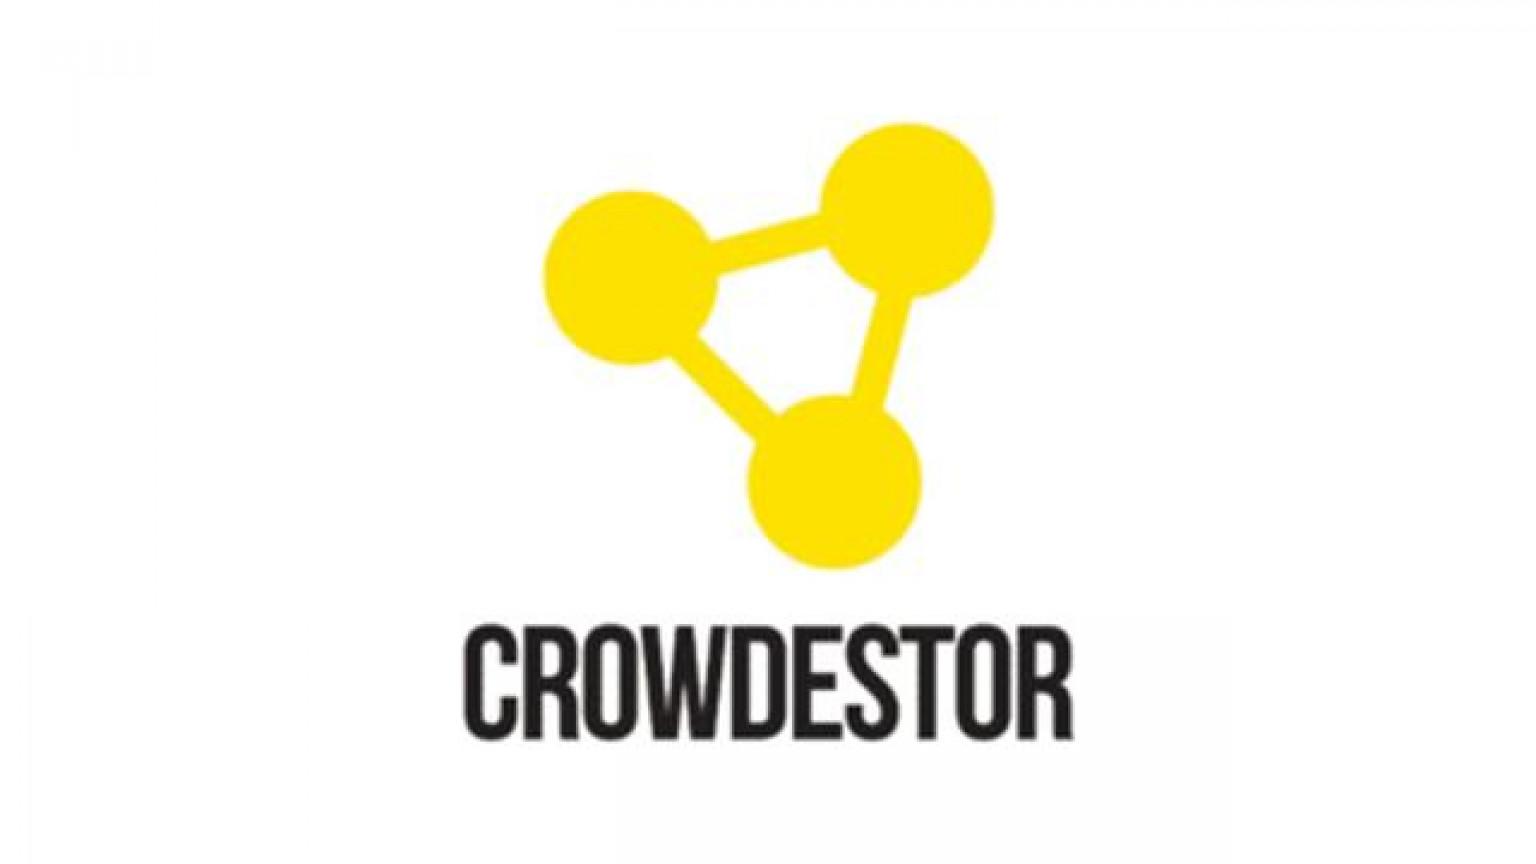 Logo of Peer to Peer lender Crowdestor